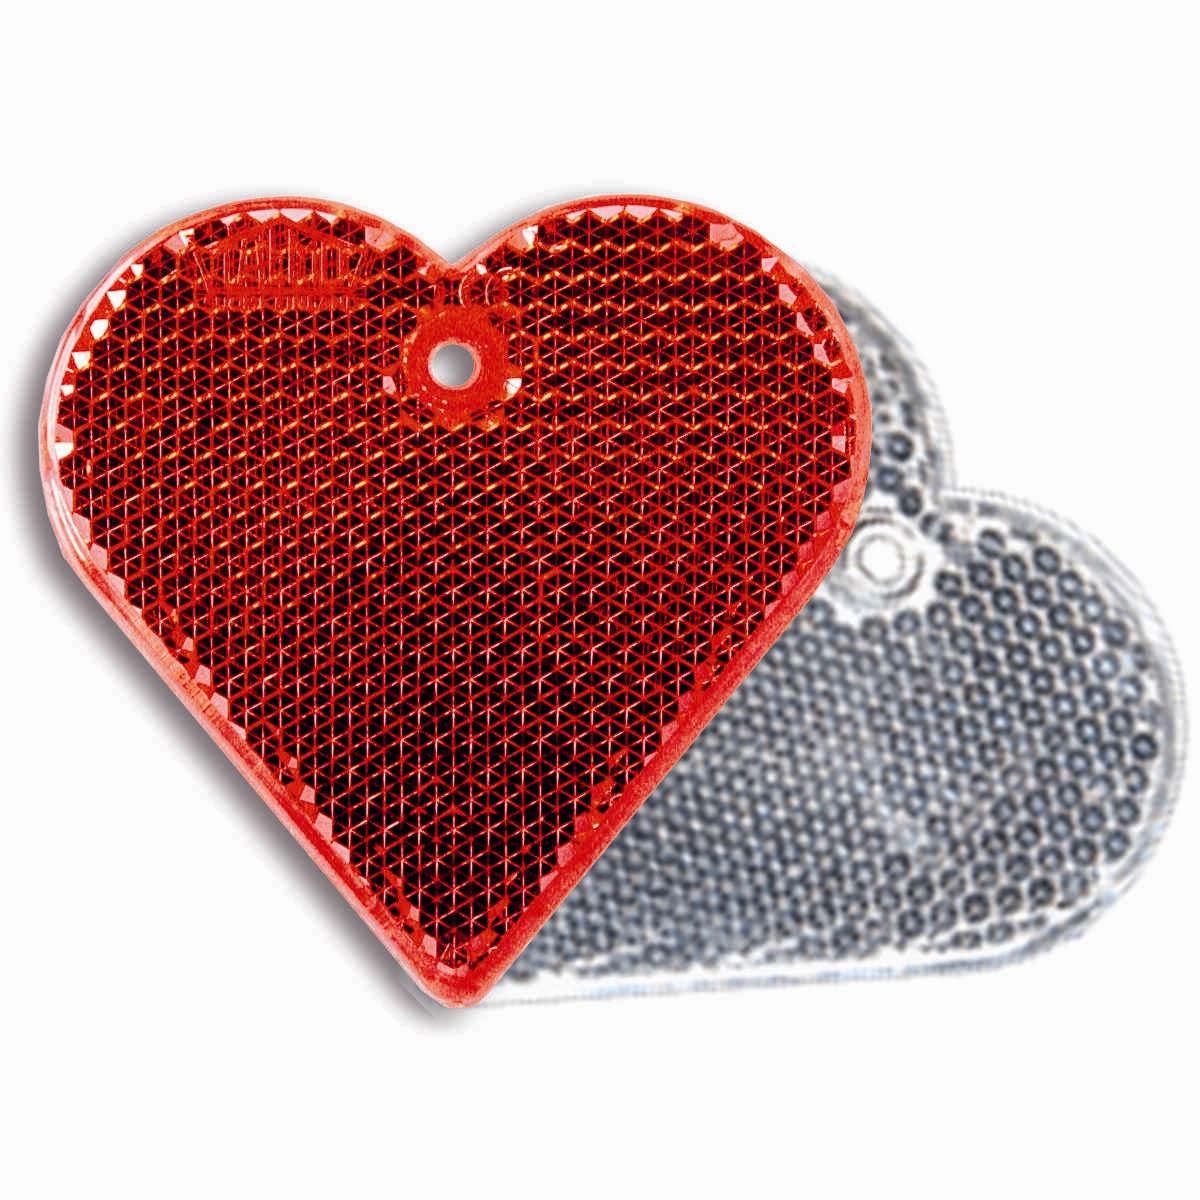 Световозвращатель пешеходный Coreflect Сердце, цвет: красный, белый118709Пешеходный светоотражатель — это серьезное средство безопасности на дороге. Использование светоотражателей позволяет в десятки раз сократить количество ДТП с участием пешеходов в темное время суток. Светоотражатель крепится на одежду и обладает способностью к направленному отражению светового потока. Благодаря такому отражению, водитель может вовремя заметить пешехода в темноте, даже если он стоит или двигается по обочине. А значит, он успеет среагировать и избежит возможного столкновения.